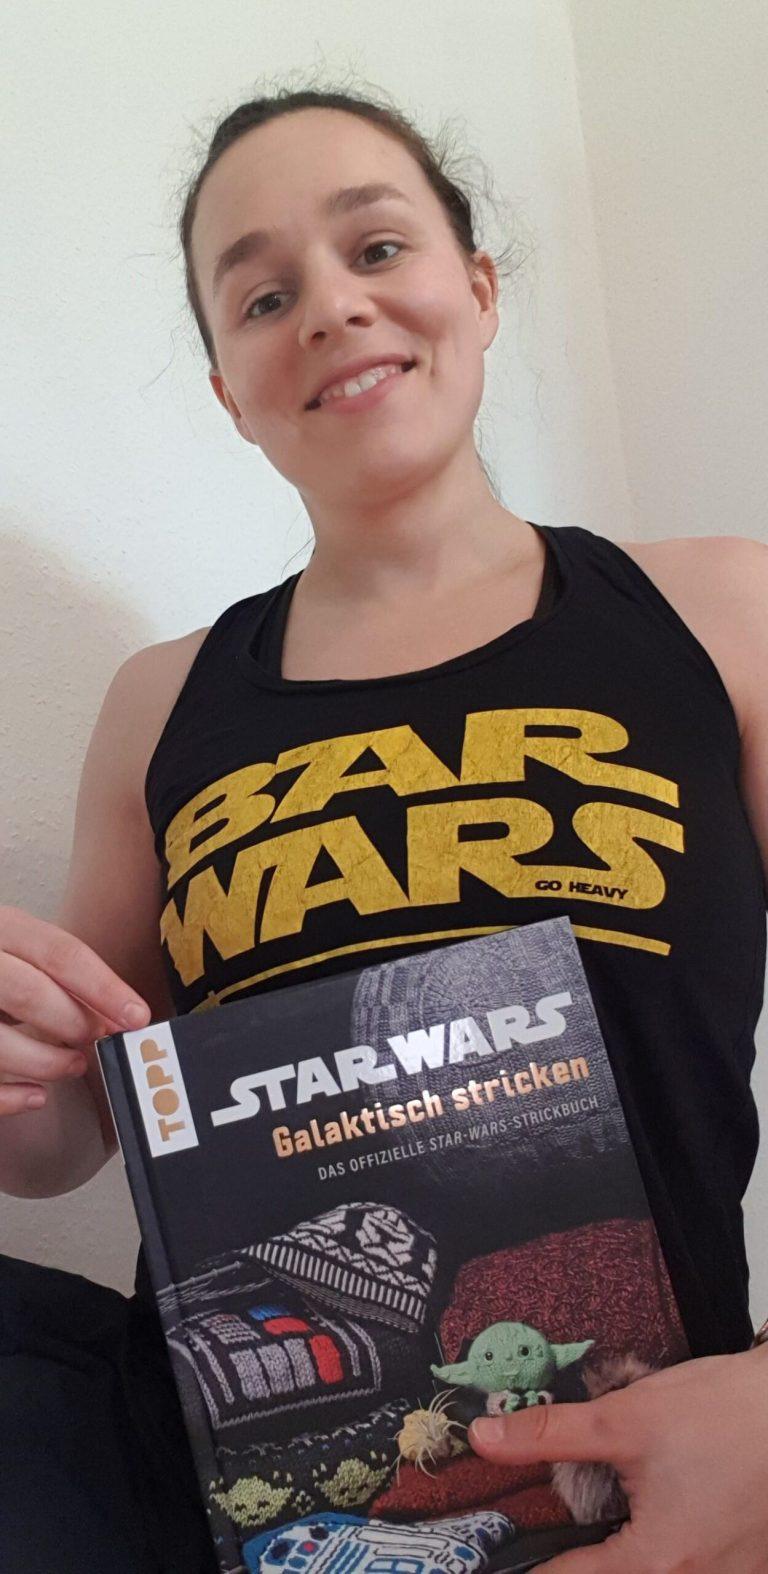 Star Wars – Galaktisch stricken von Tanis Gray